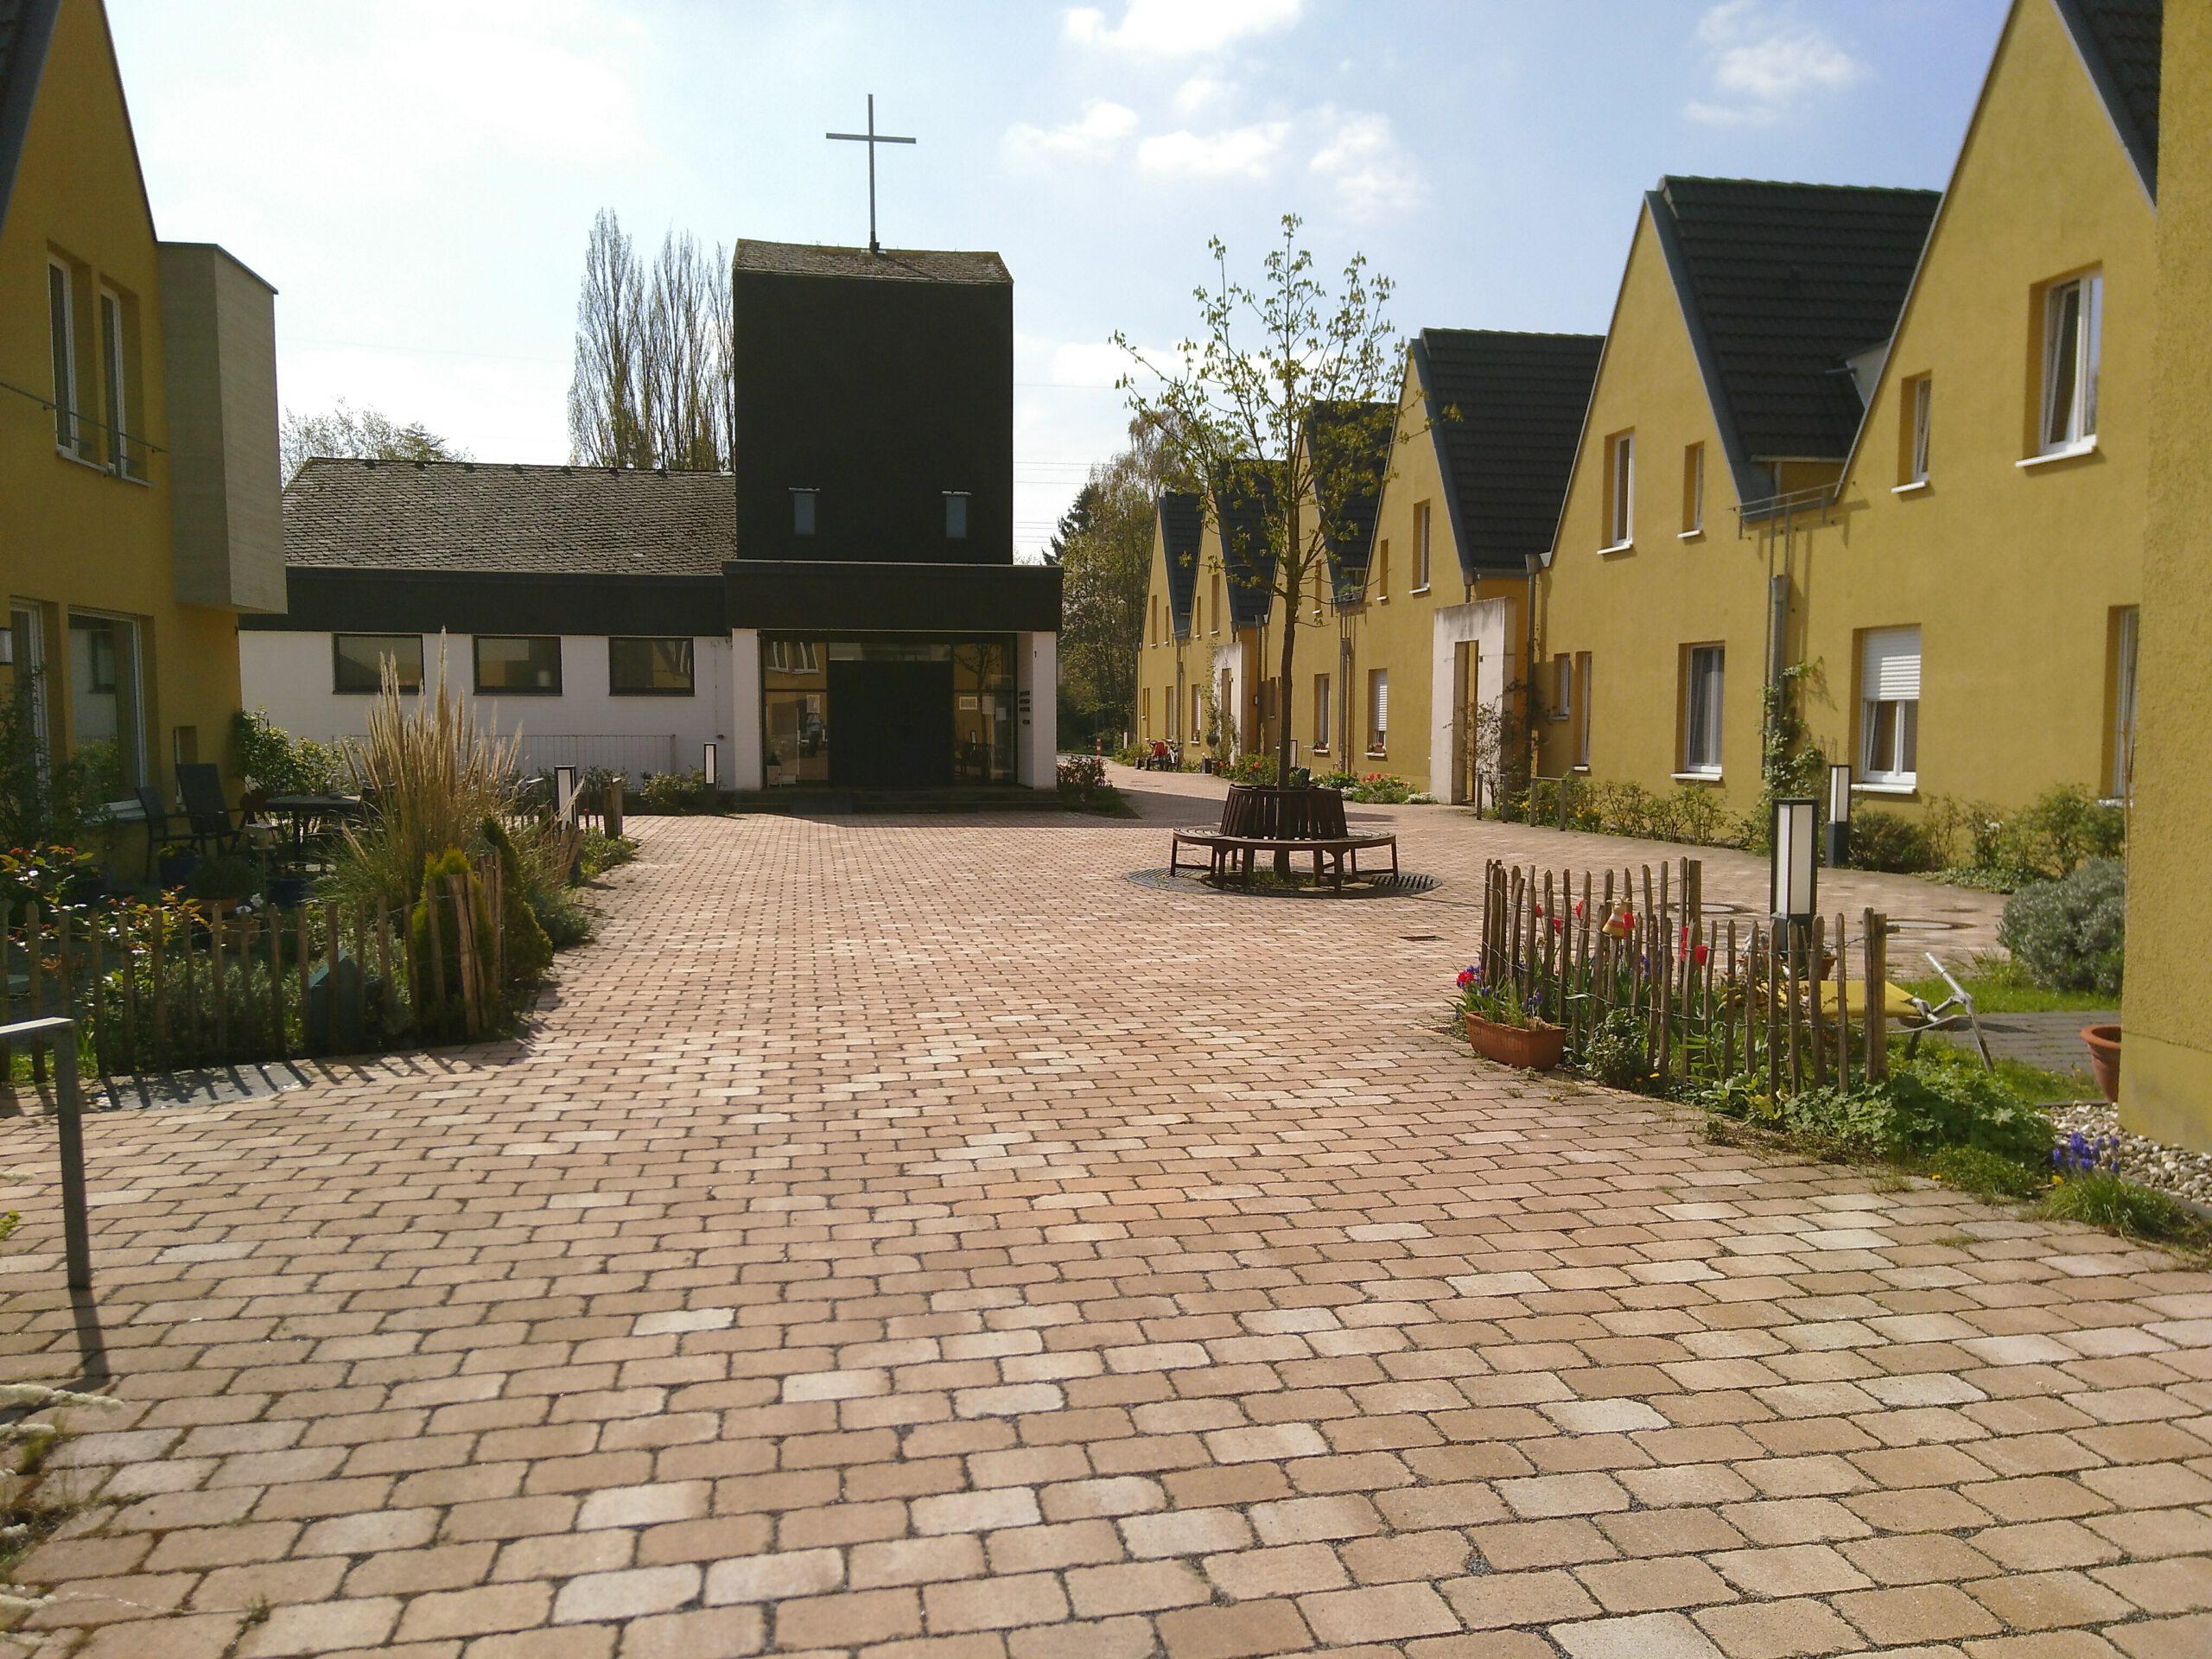 Blick auf die Kirche: Kantiger gedrungener Turm mit dünnem großen Kreuz. Links davon das Kirchengebäude mit drei Fenstern. Flankiert von gelben spitzgiebeligen Häusern. Vorgärten.